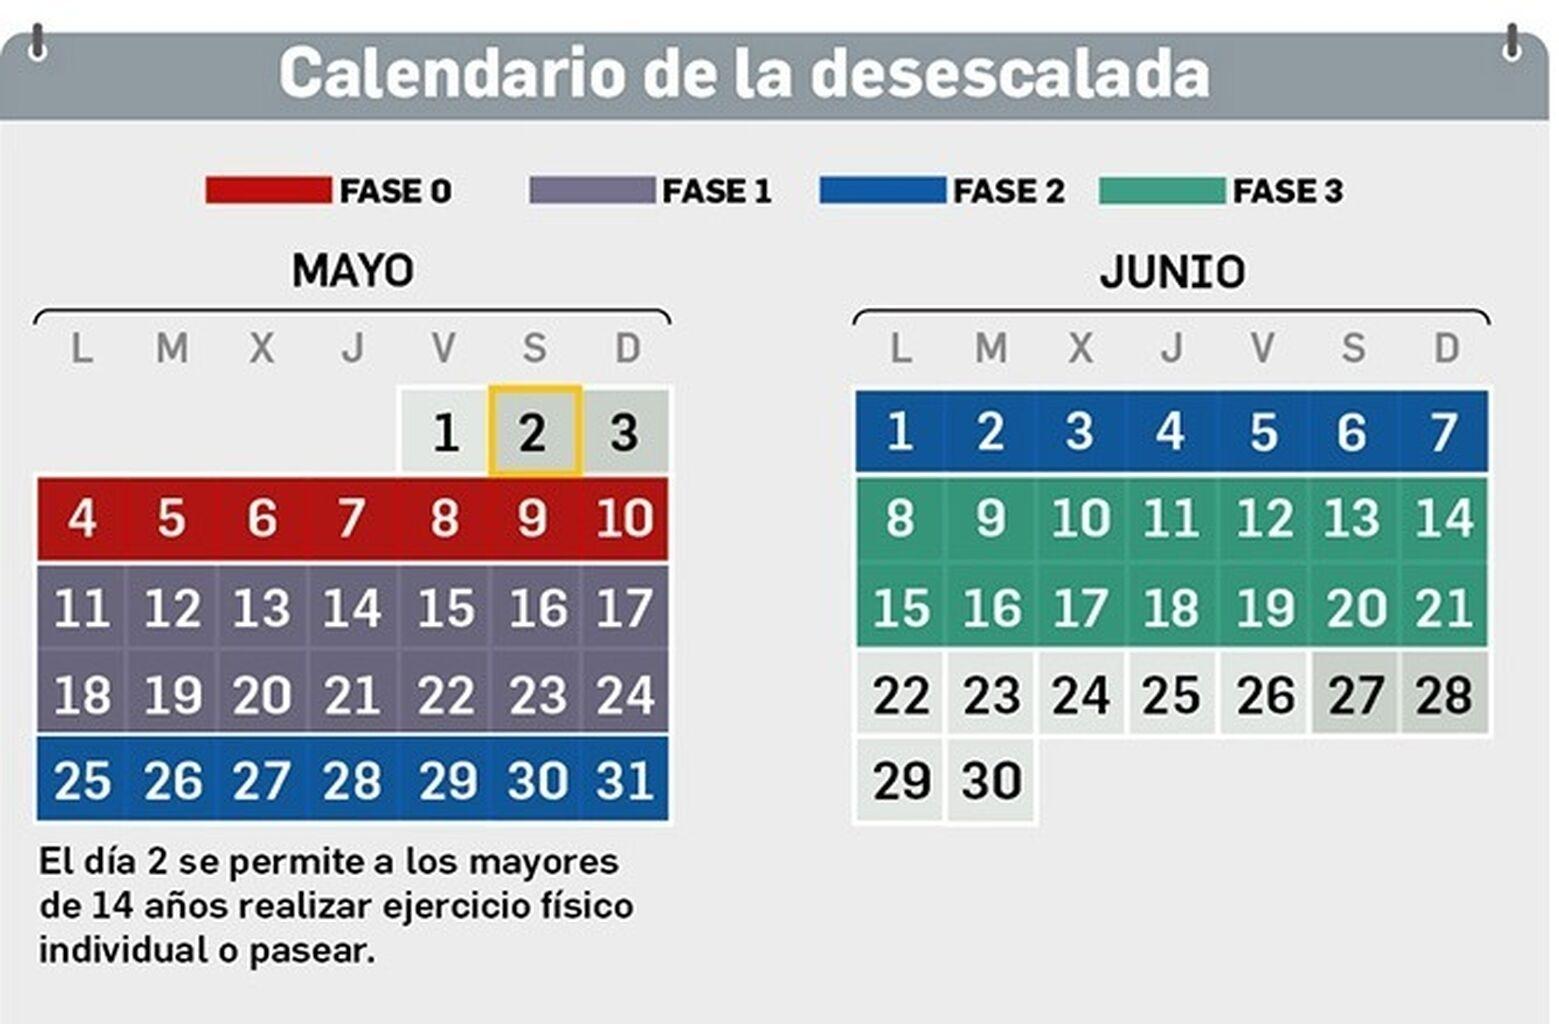 El Calendario Para La Desescalada Paso A Paso: Qué Se Podrá